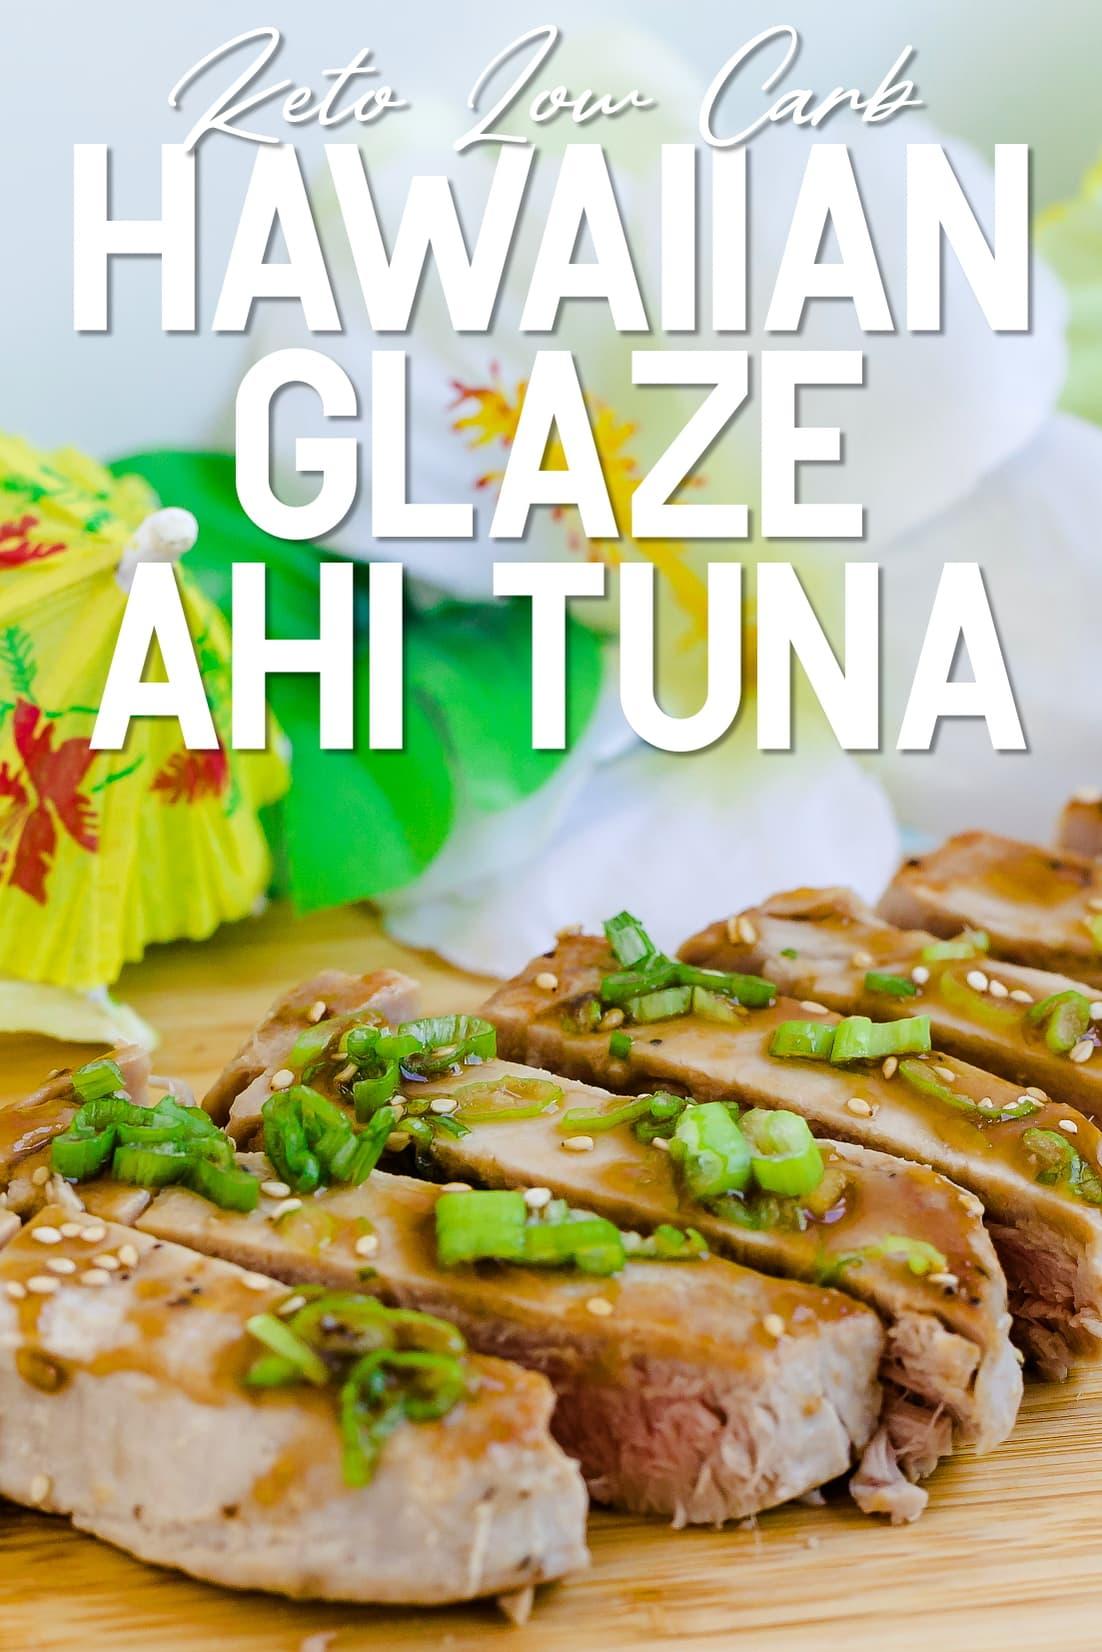 Hawaiian Glazed Seared Ahi Tuna served on a wooden plank